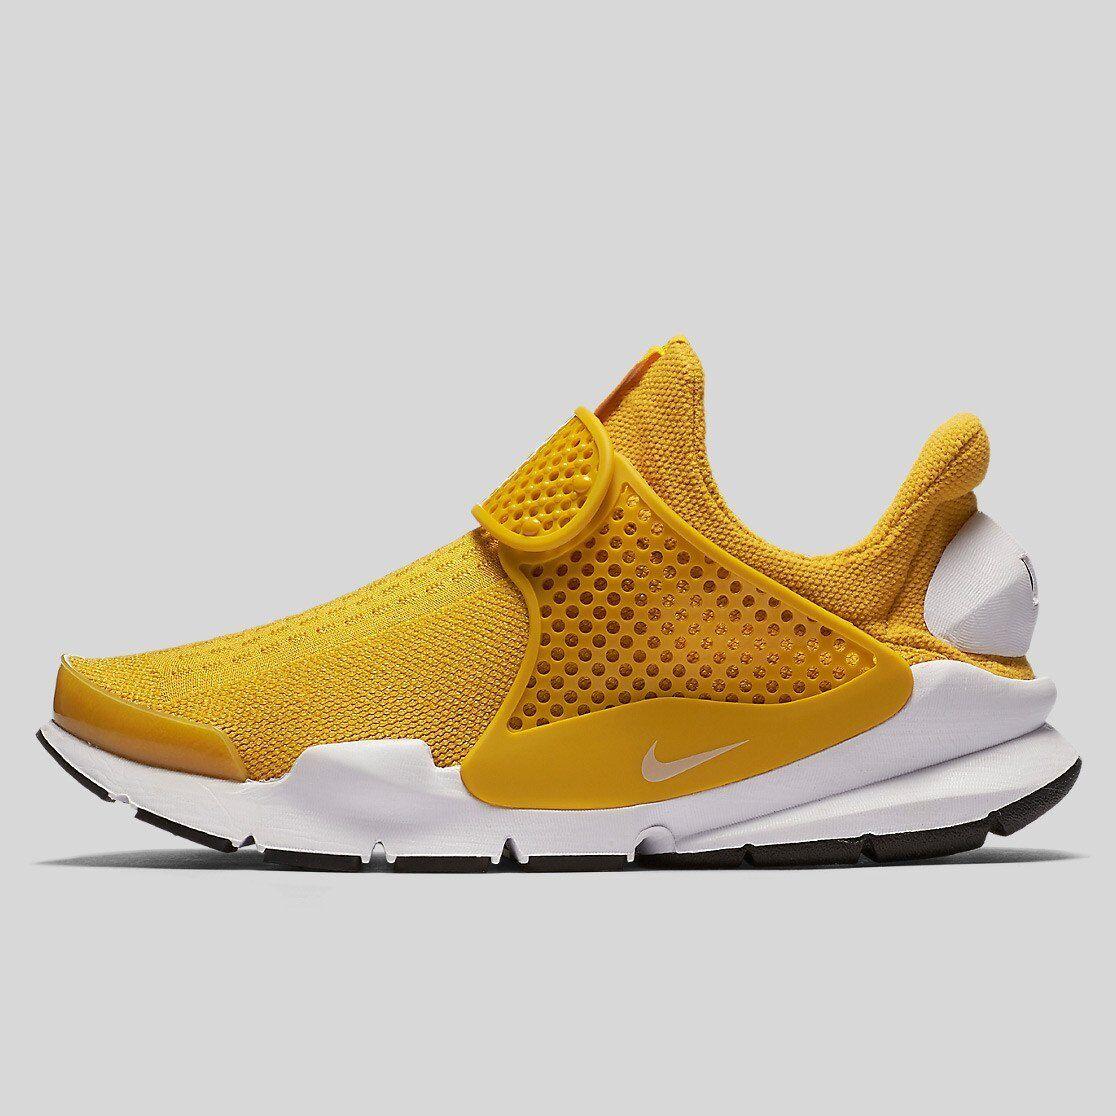 Nike Sock Dart Women's gold Dart 848475-700 Yellow Fashion  Slip-On DS Very Rare